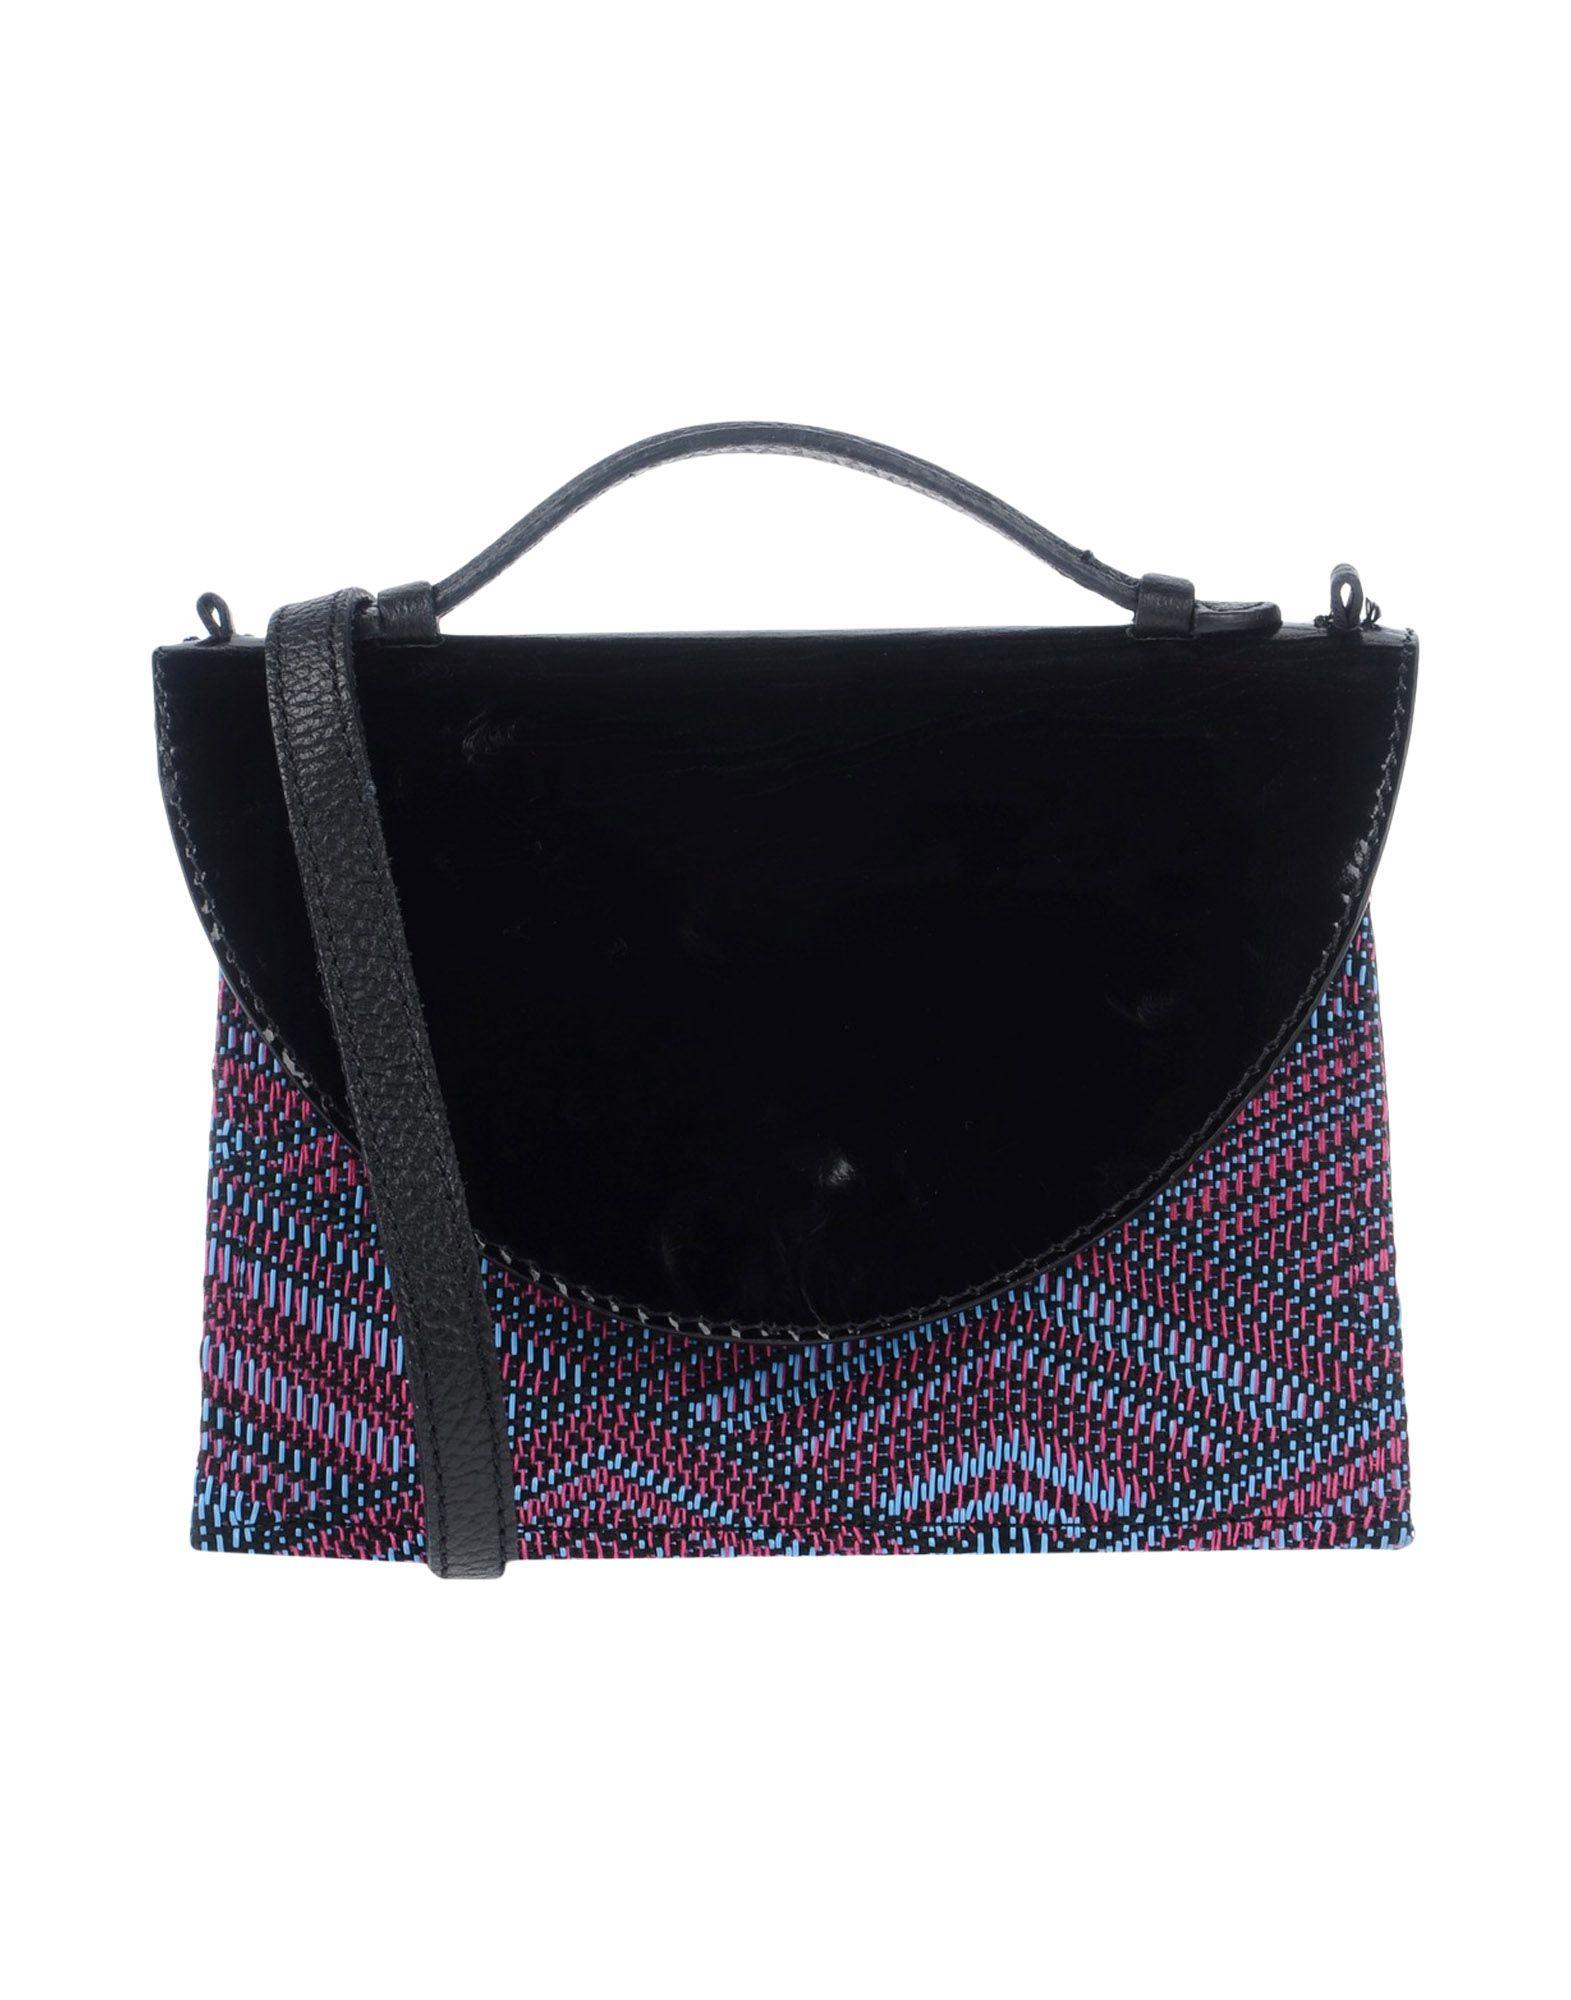 IMEMOI Handbag in Black